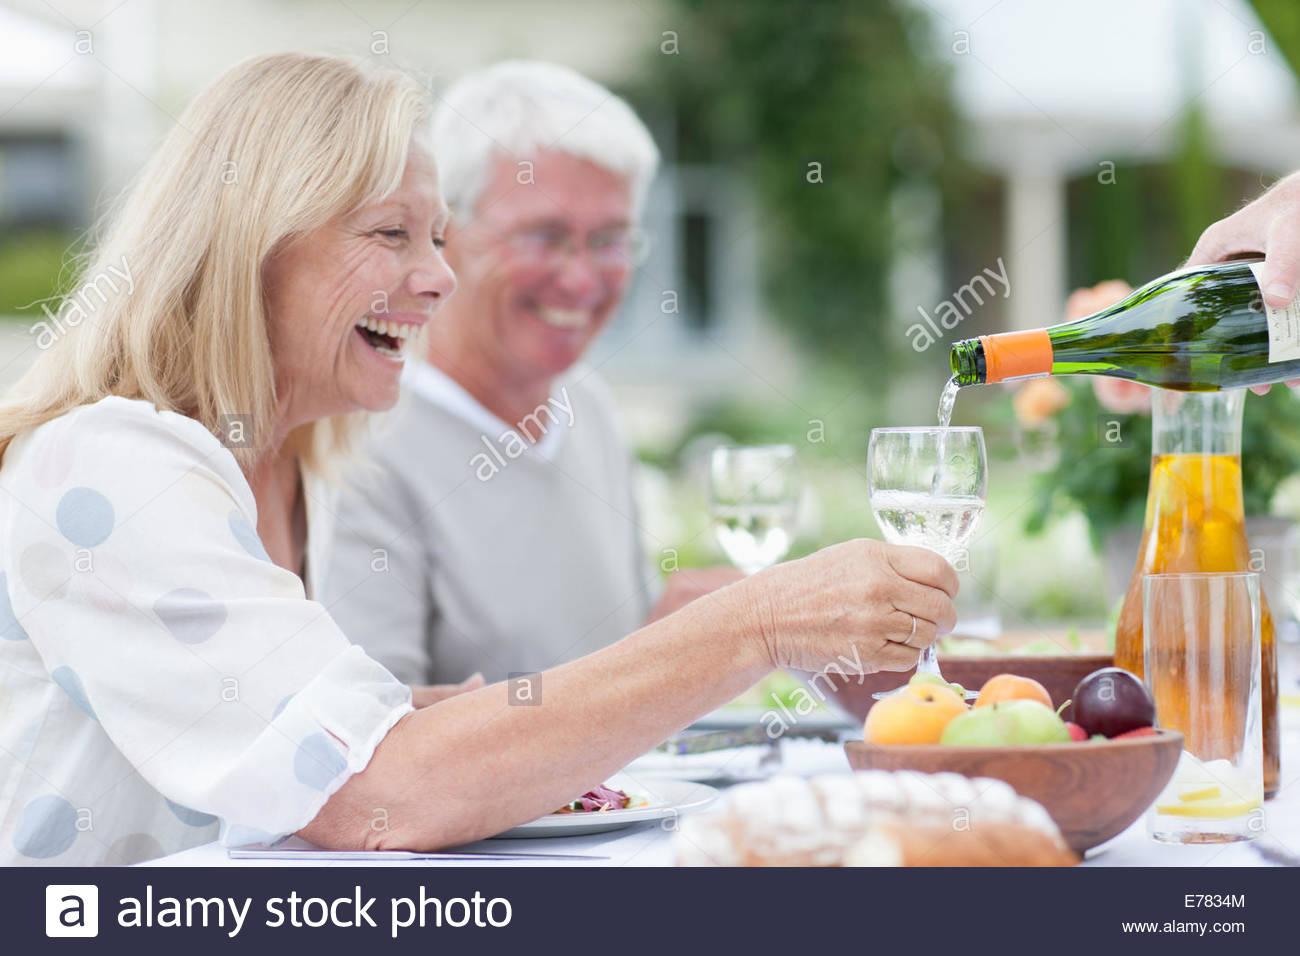 Ältere Erwachsene Weingenuss bei Terrassentisch Stockbild